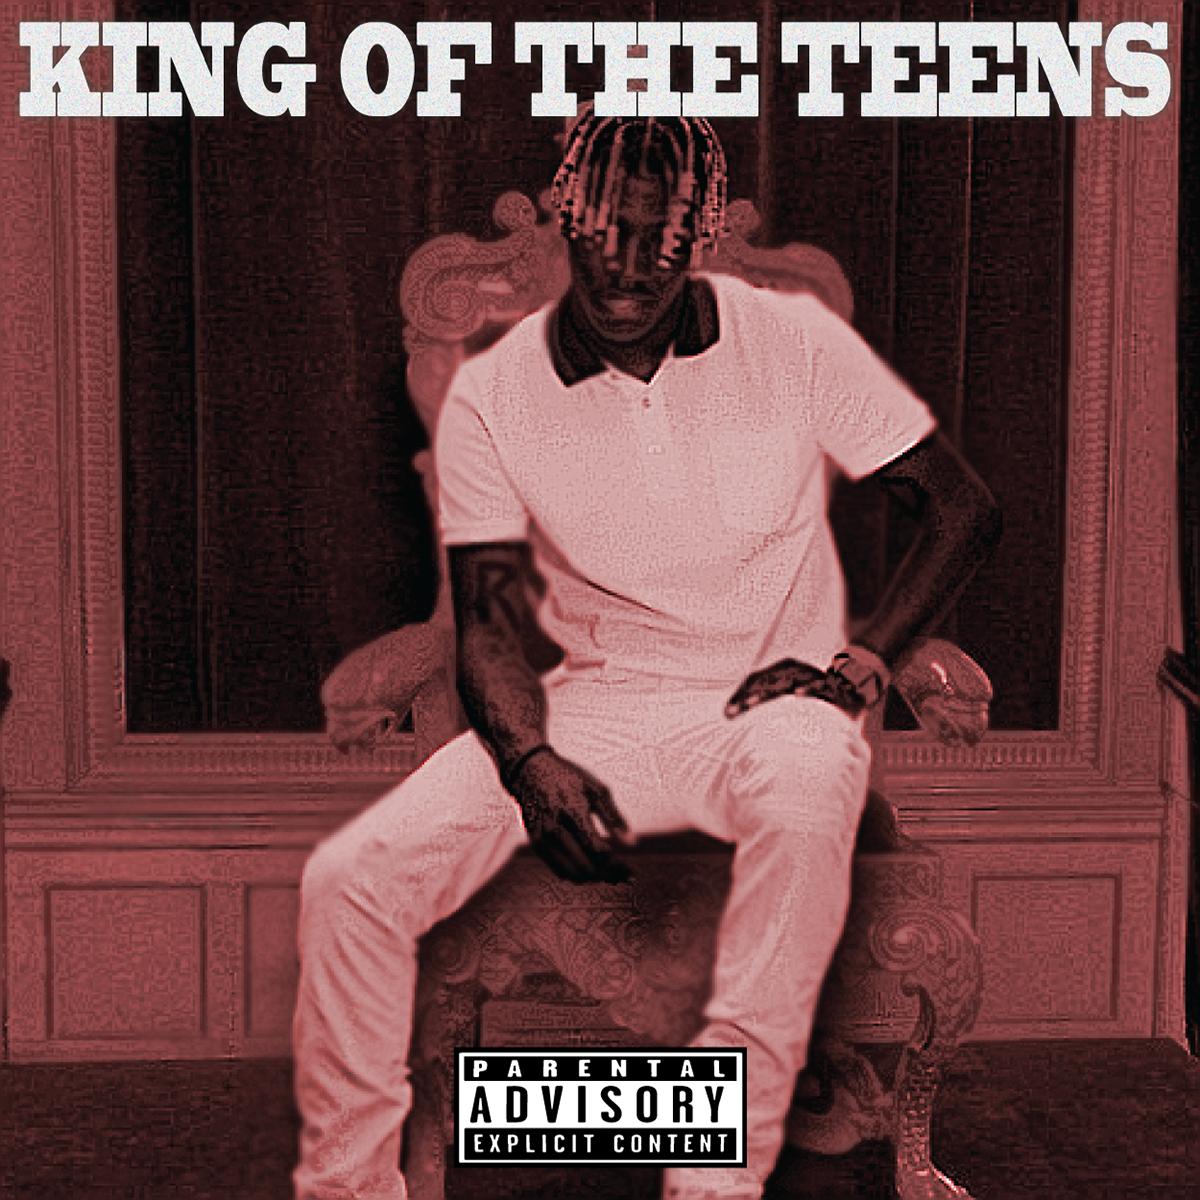 King of teens